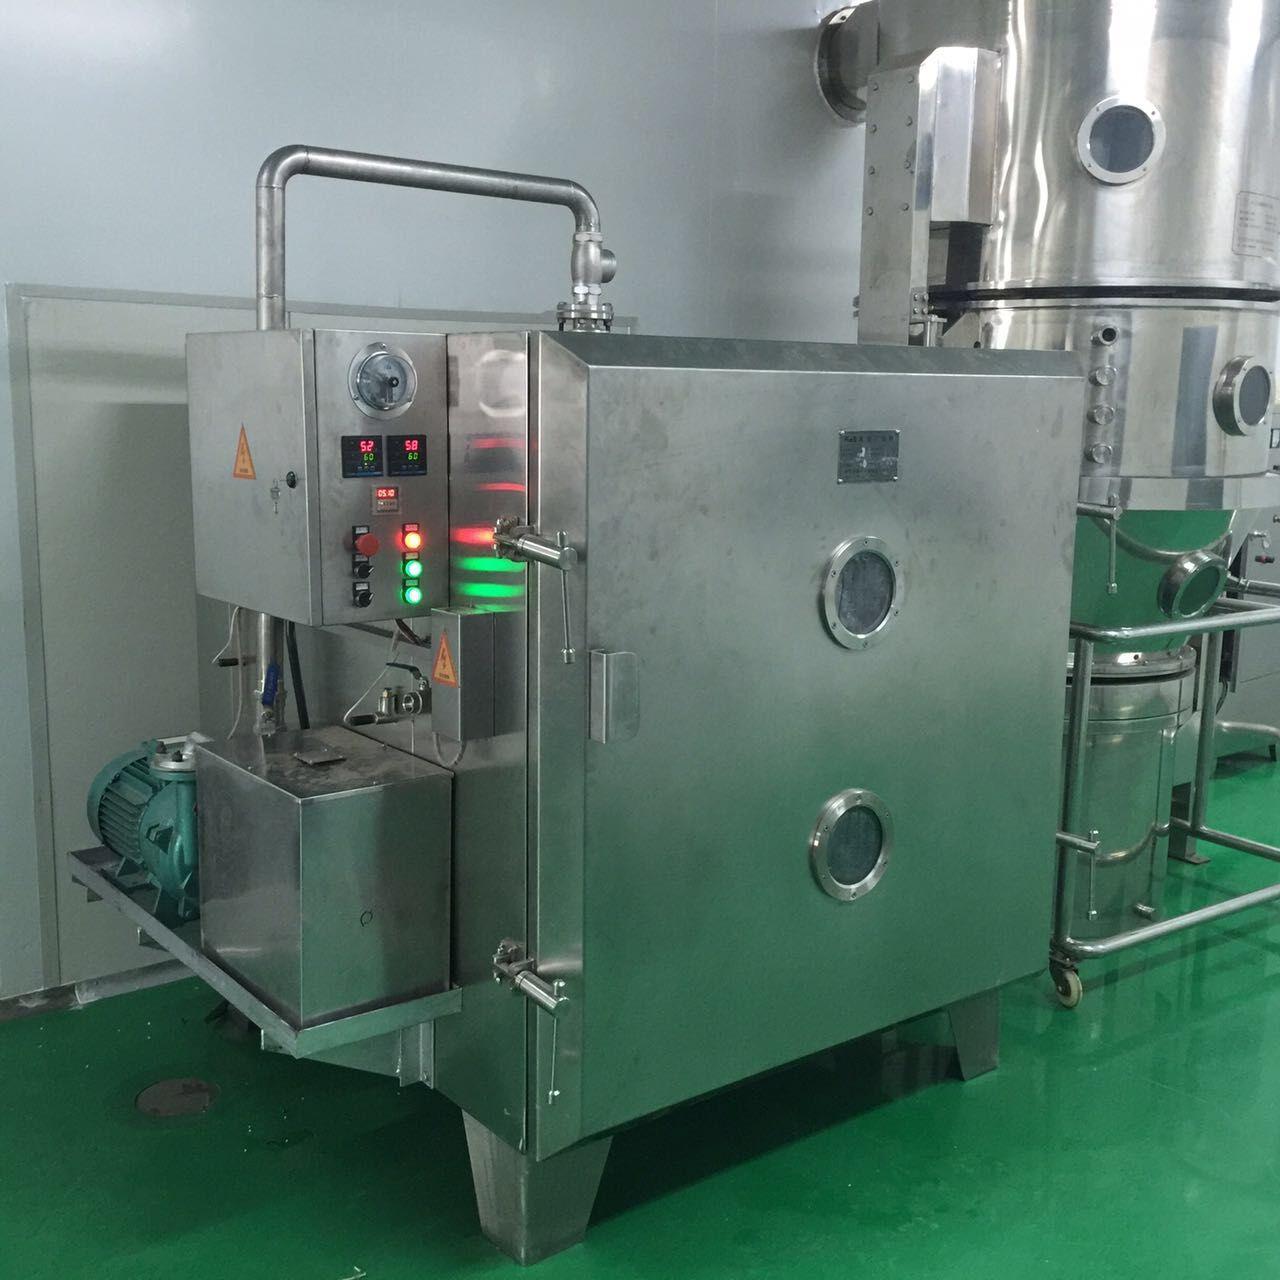 干燥机械 烘箱,干燥箱 南京科迪信机械 fzg低温真空干燥箱质保两年